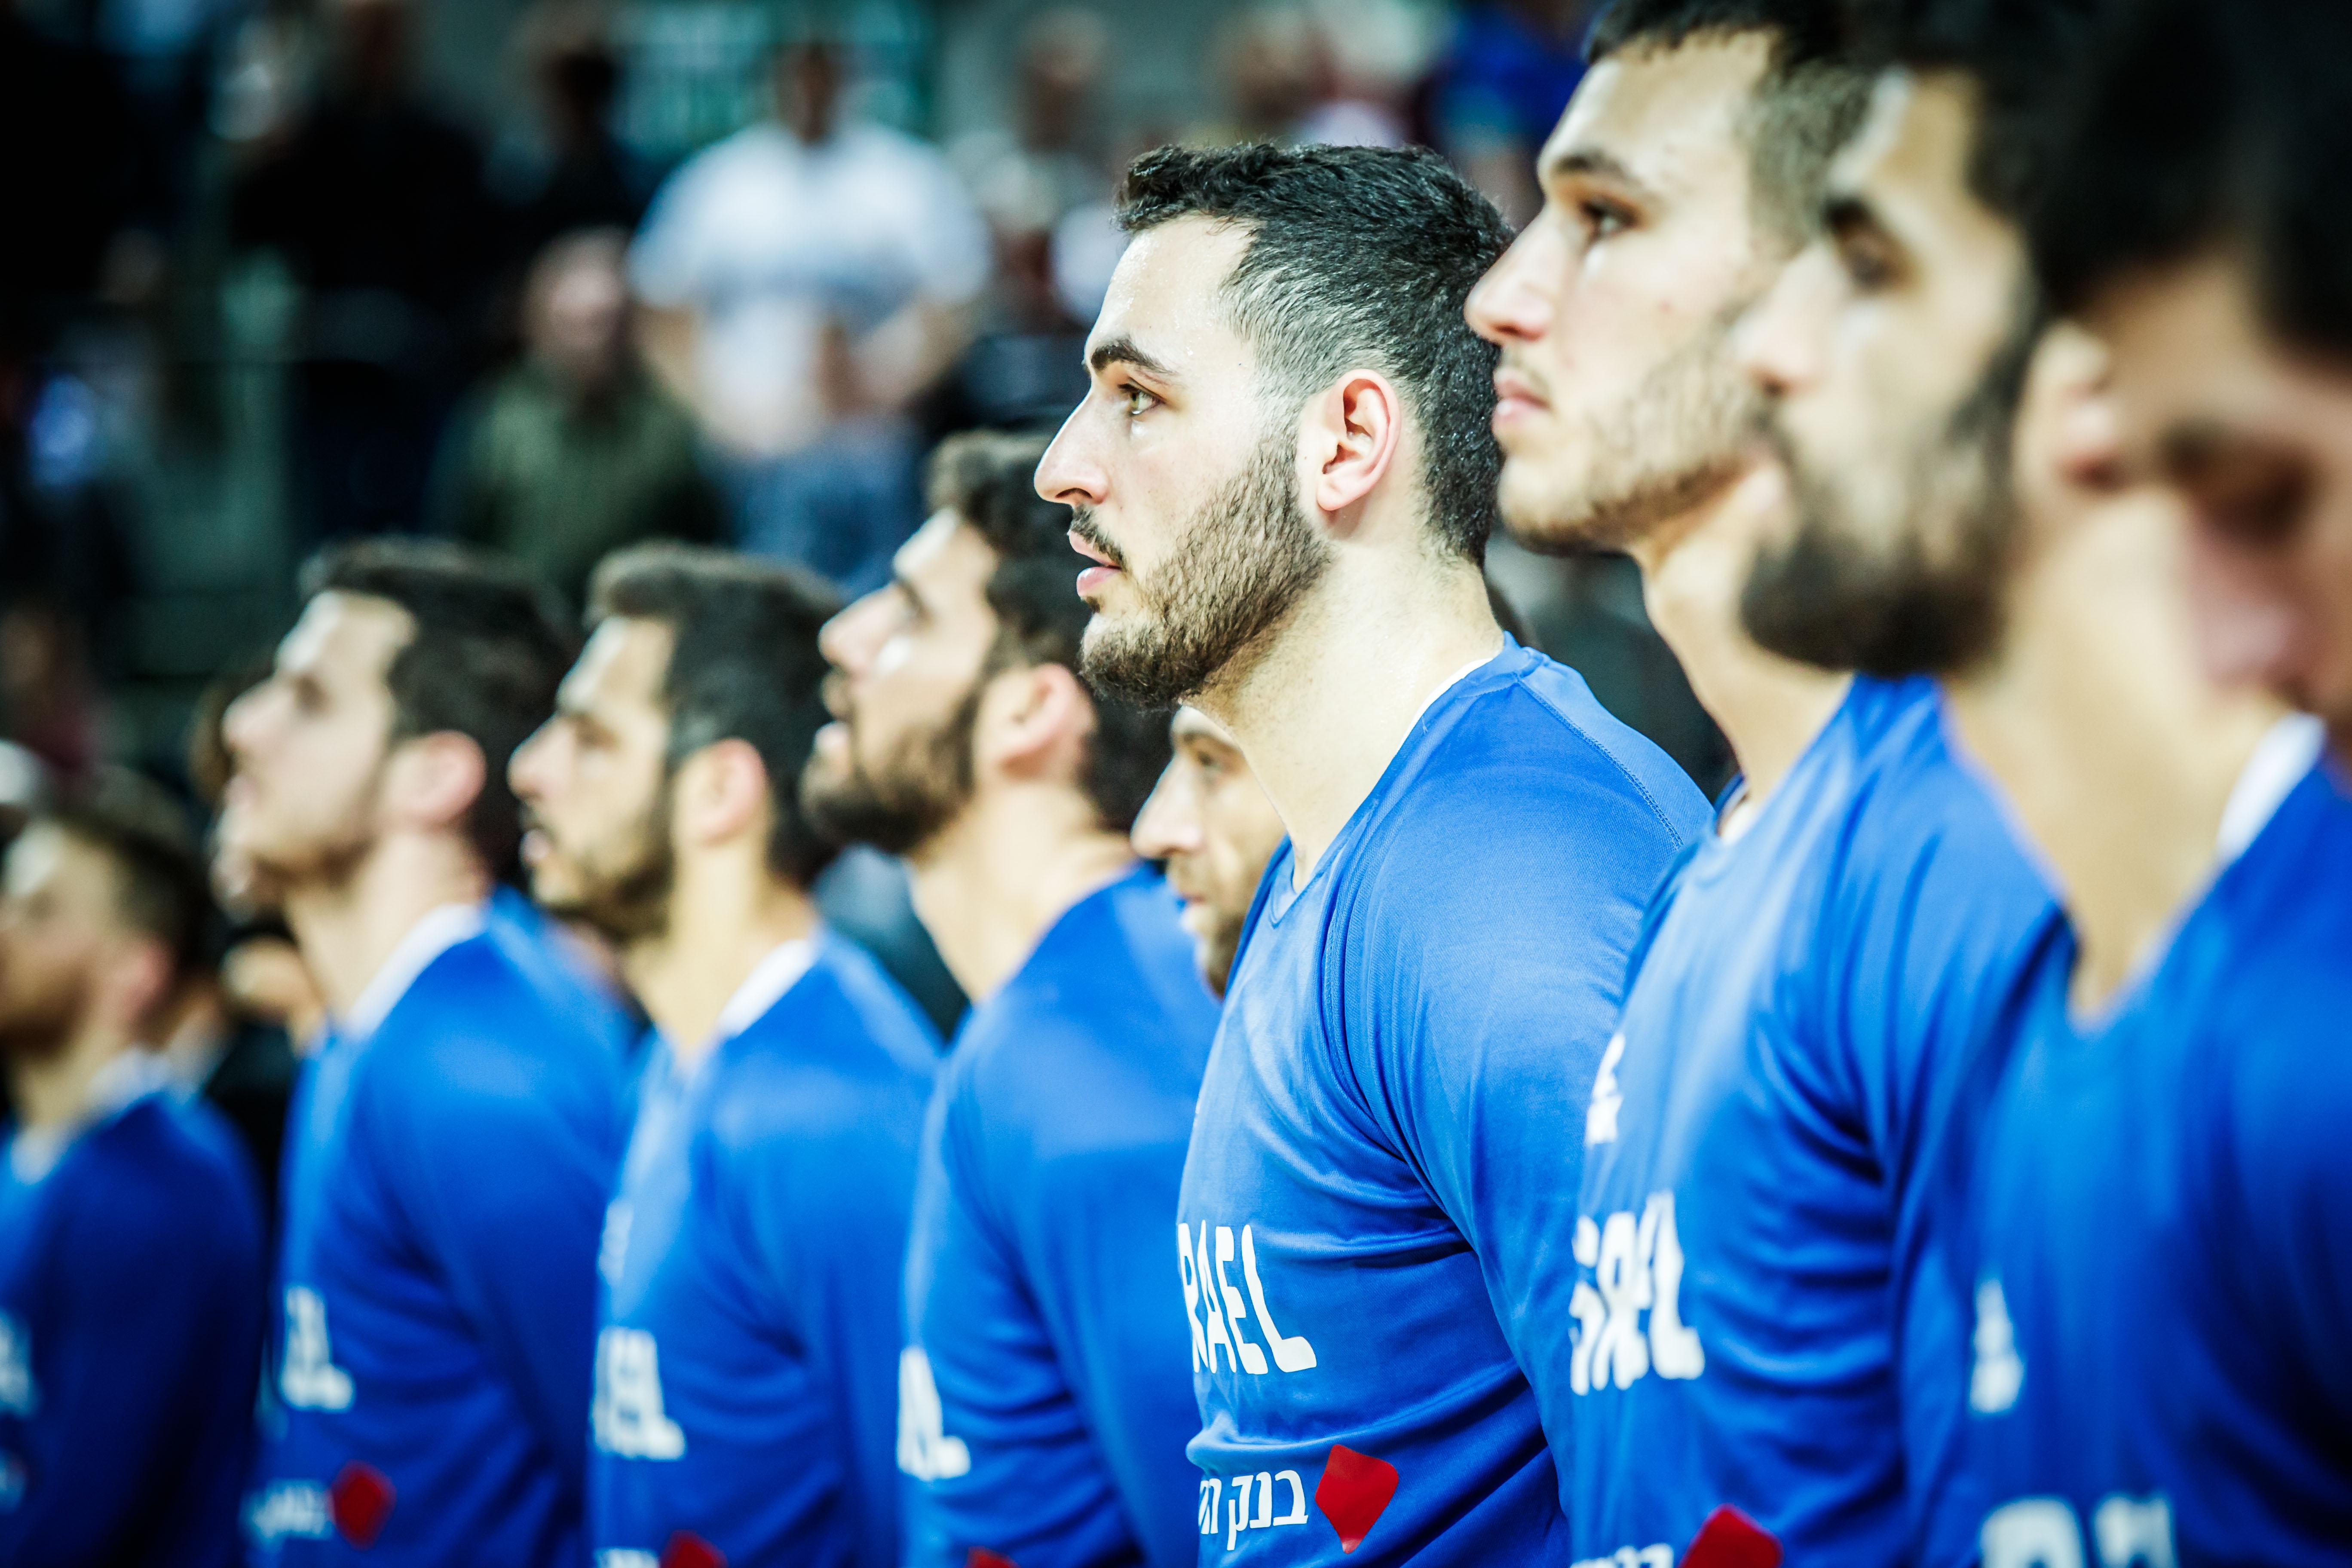 נבחרת ישראל תפגוש את אוקראינה באולם הקונכייה בבאר שבע